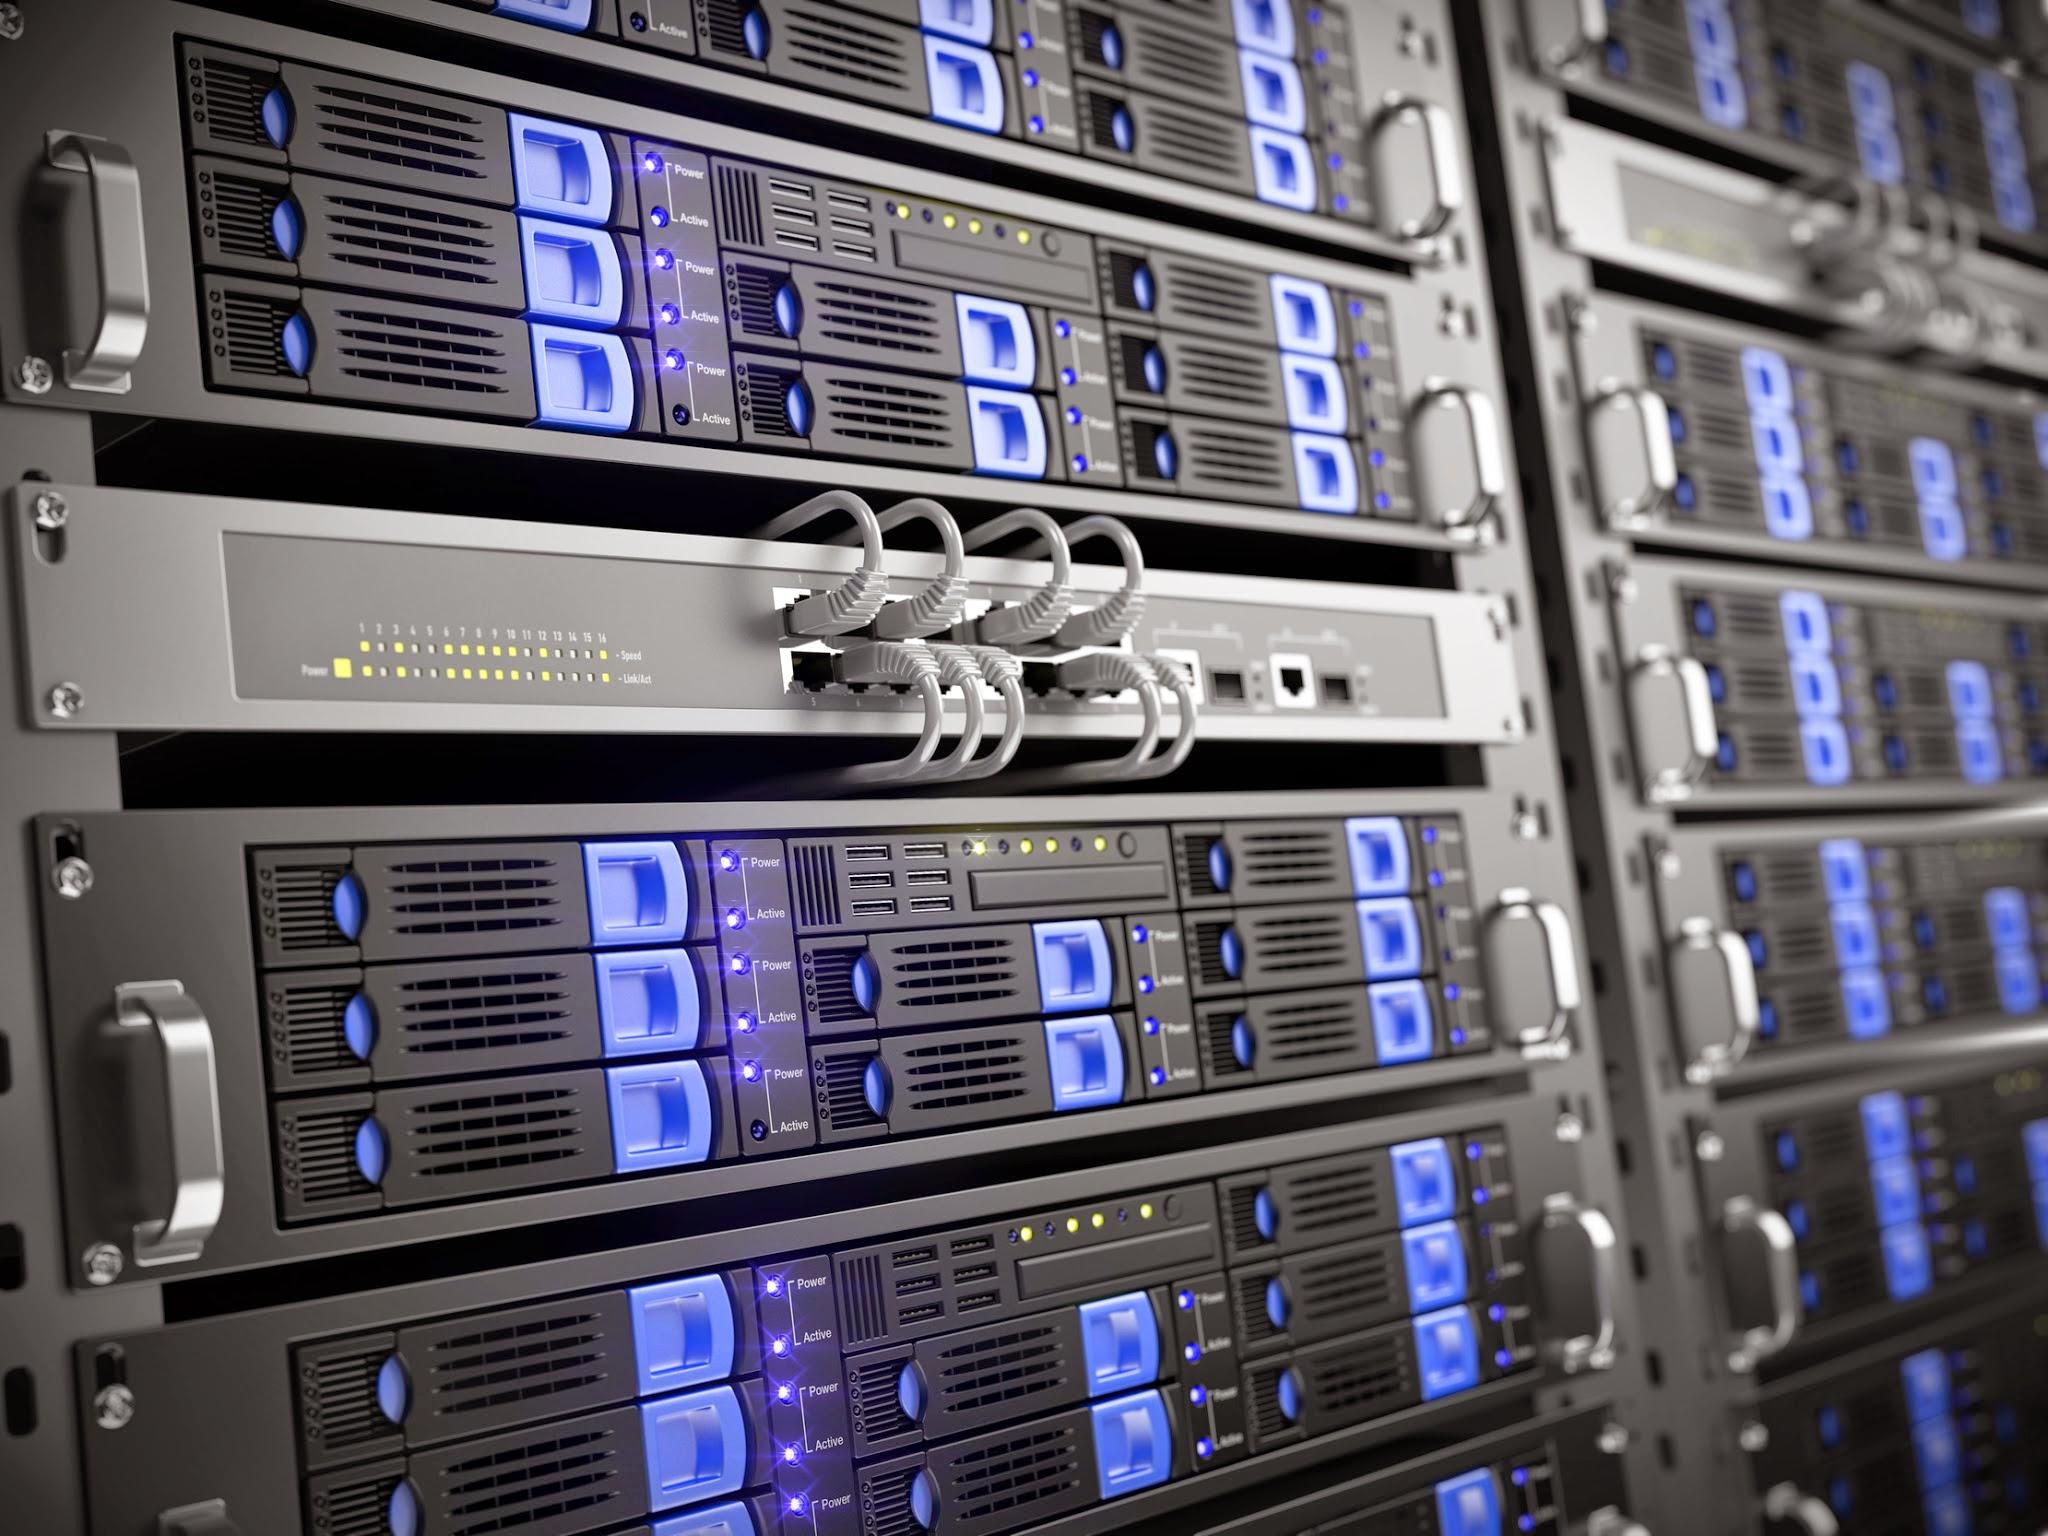 Ремонт серверов в Москве в Перово